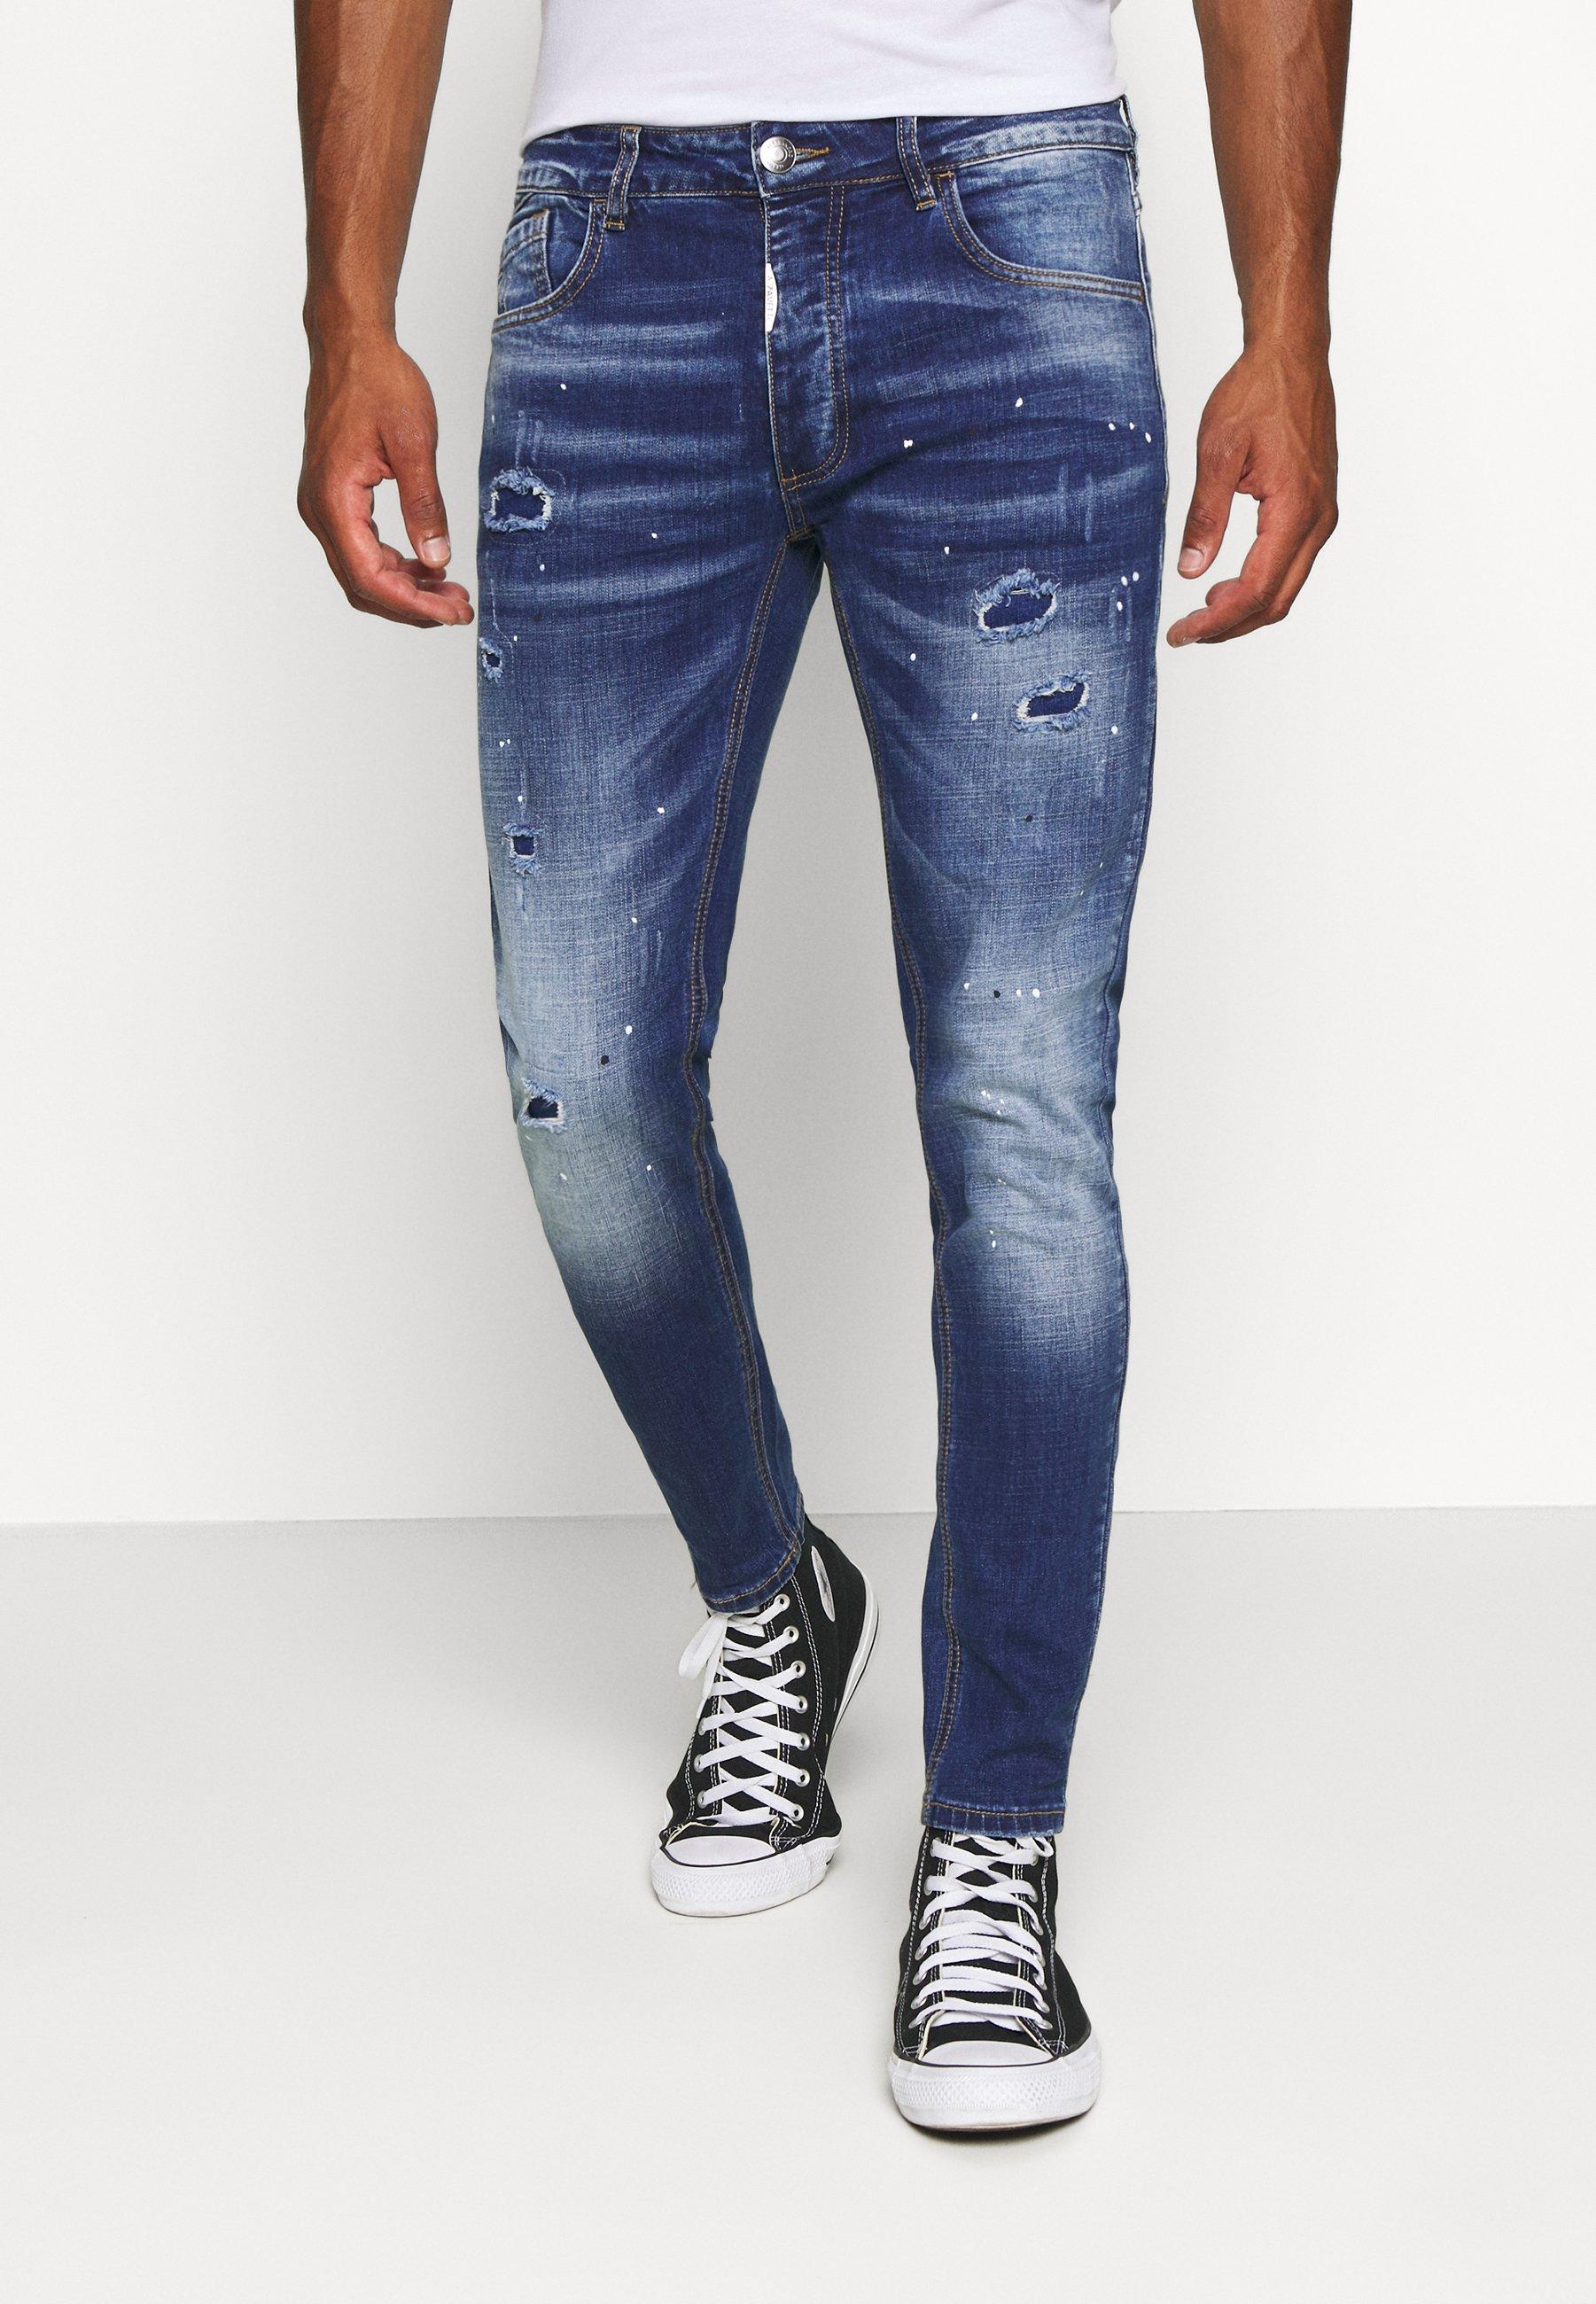 Heren jeans online kopen | Gratis verzending | ZALANDO